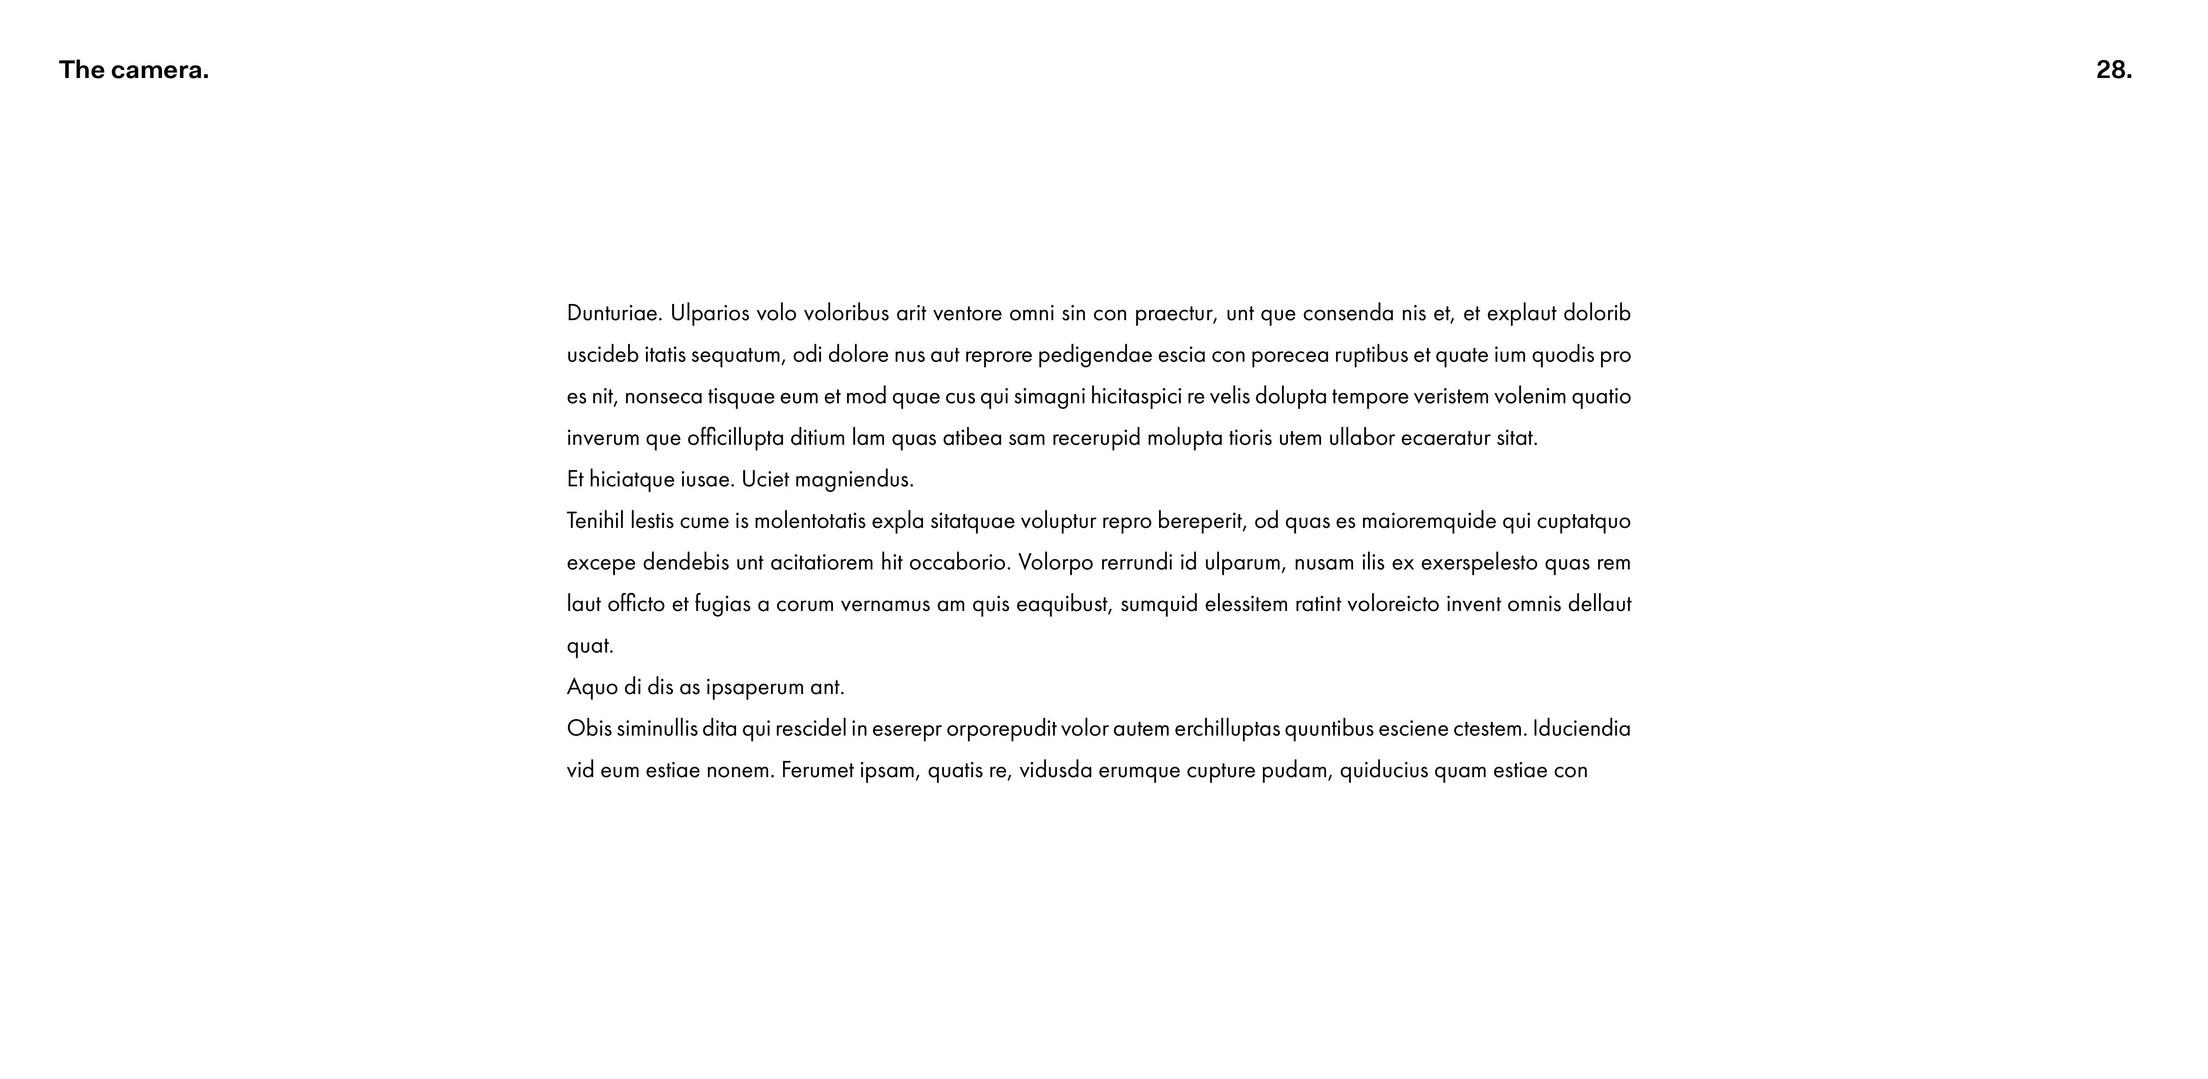 KP_BEAUTYPIE LOREM IPSUM-page-028.jpg